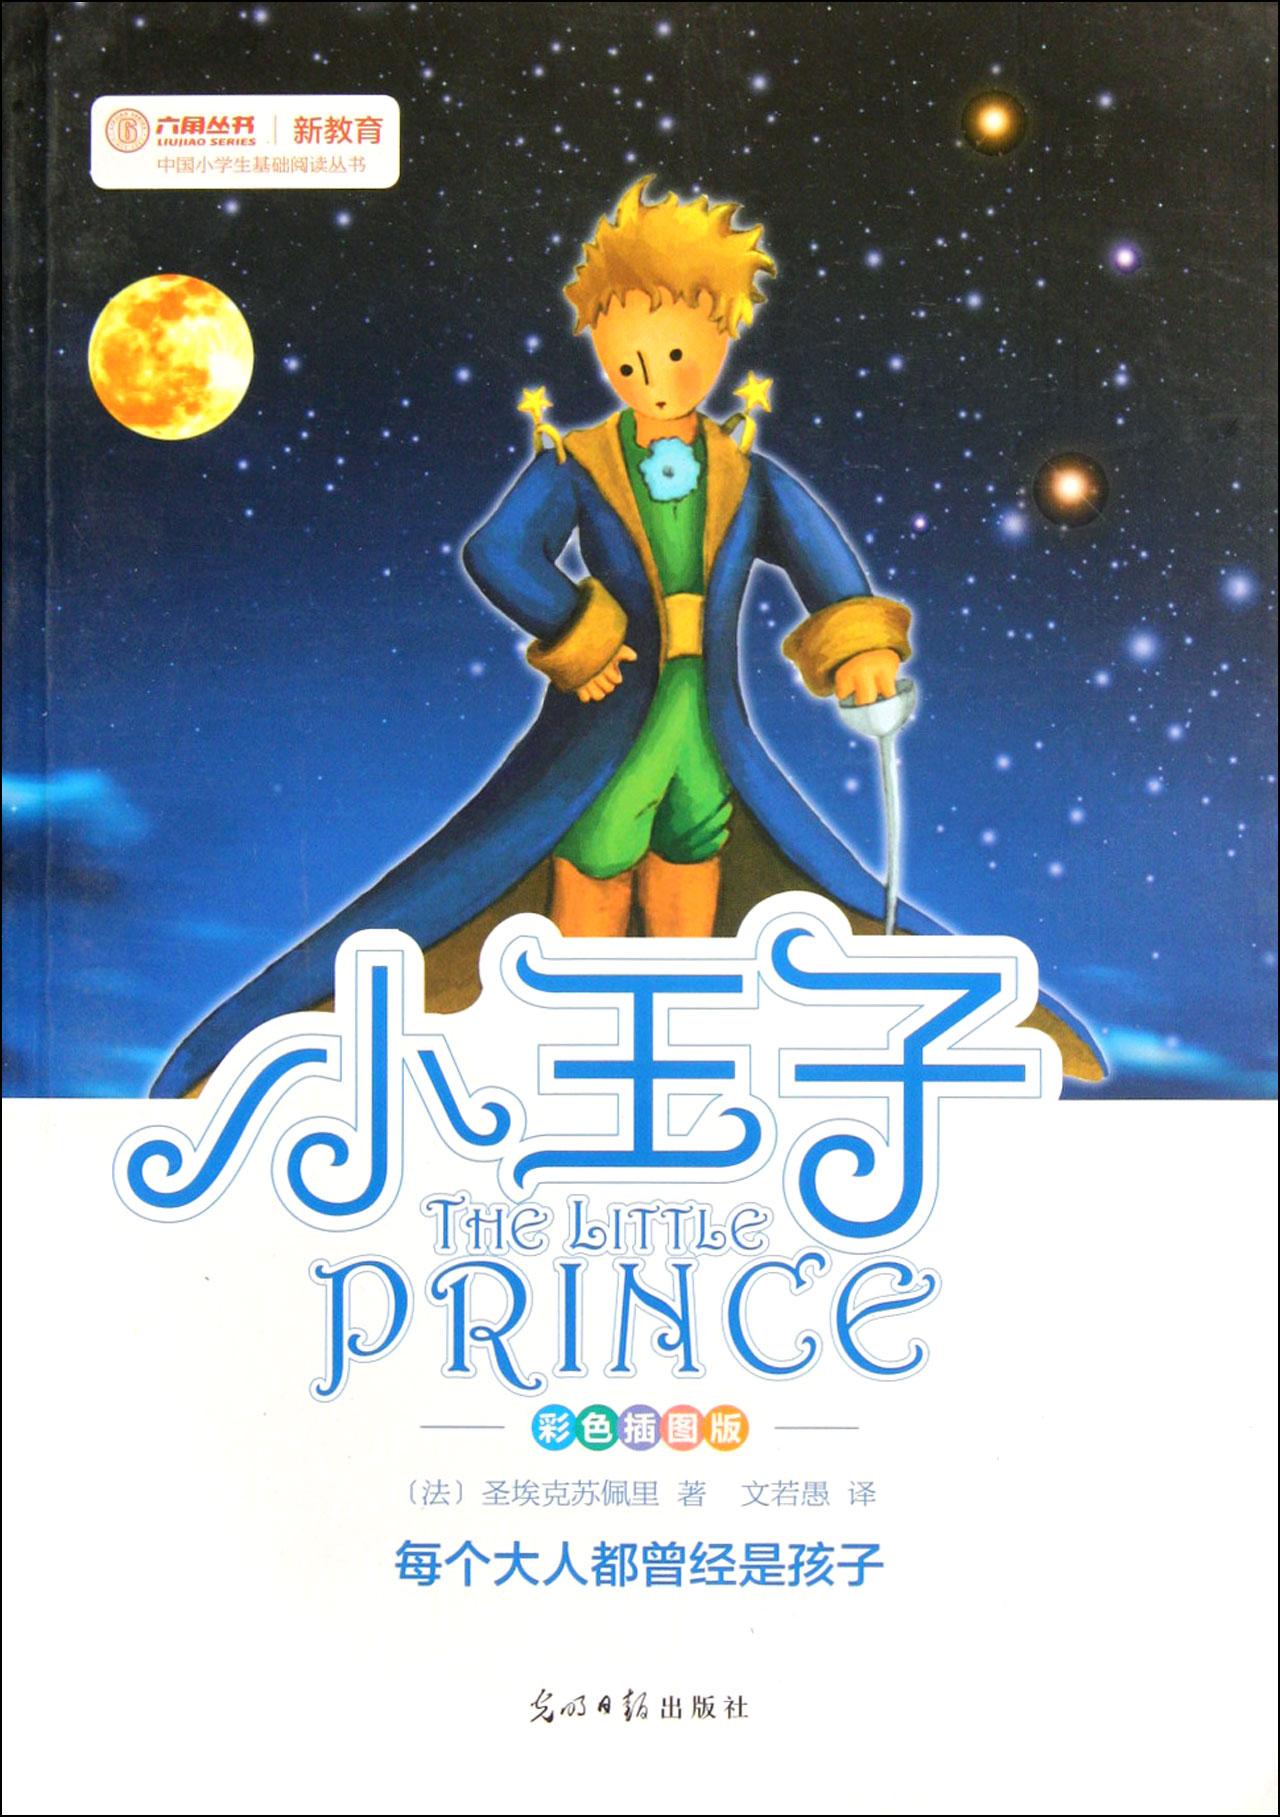 小王子彩色插图版 中国小学生基础阅读丛书 六角丛书